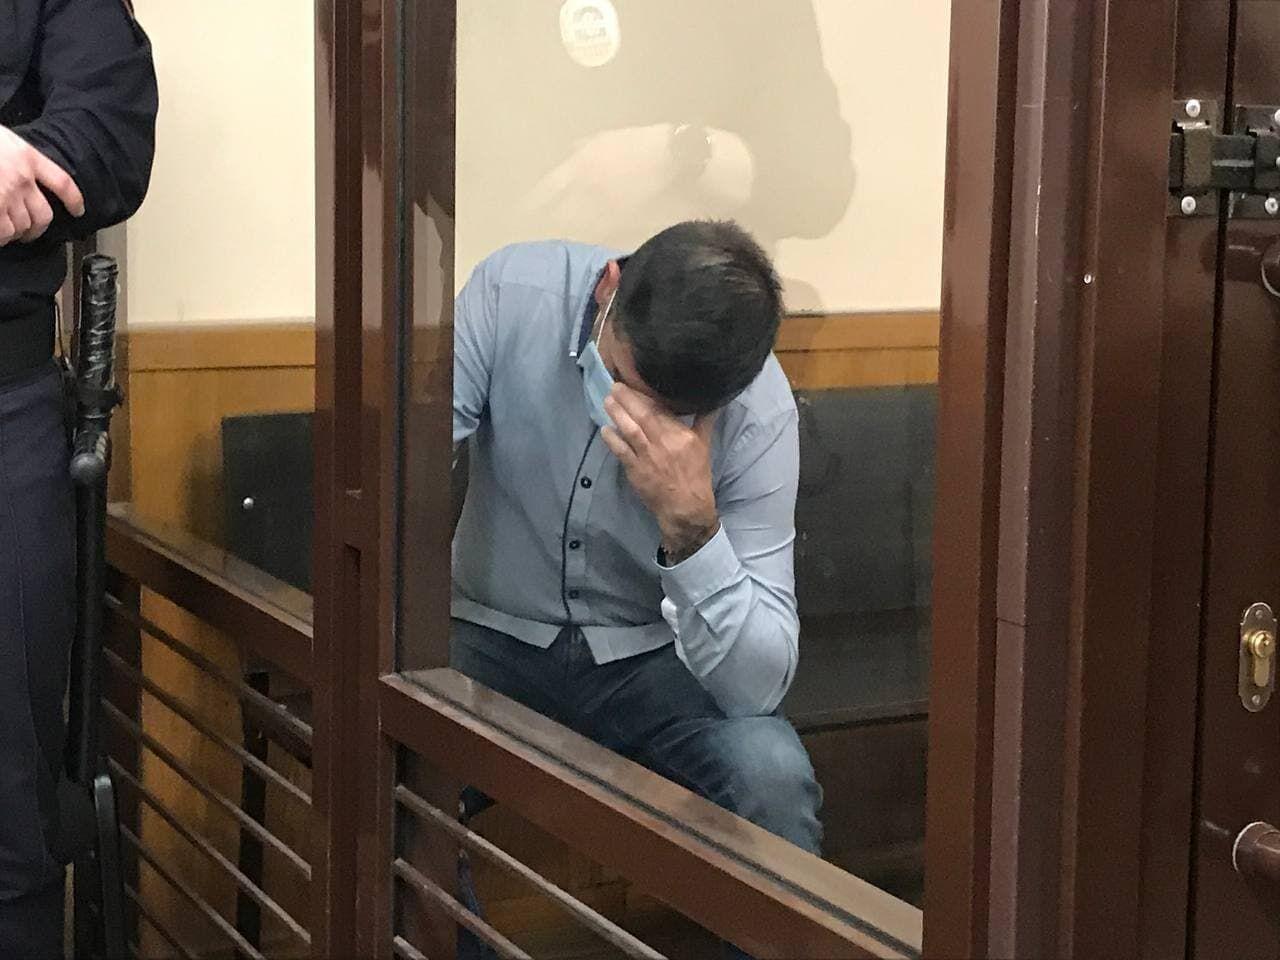 В Казани продлили арест колумбийцу, который украл чемодан с ювелиркой на 160 млн рублей